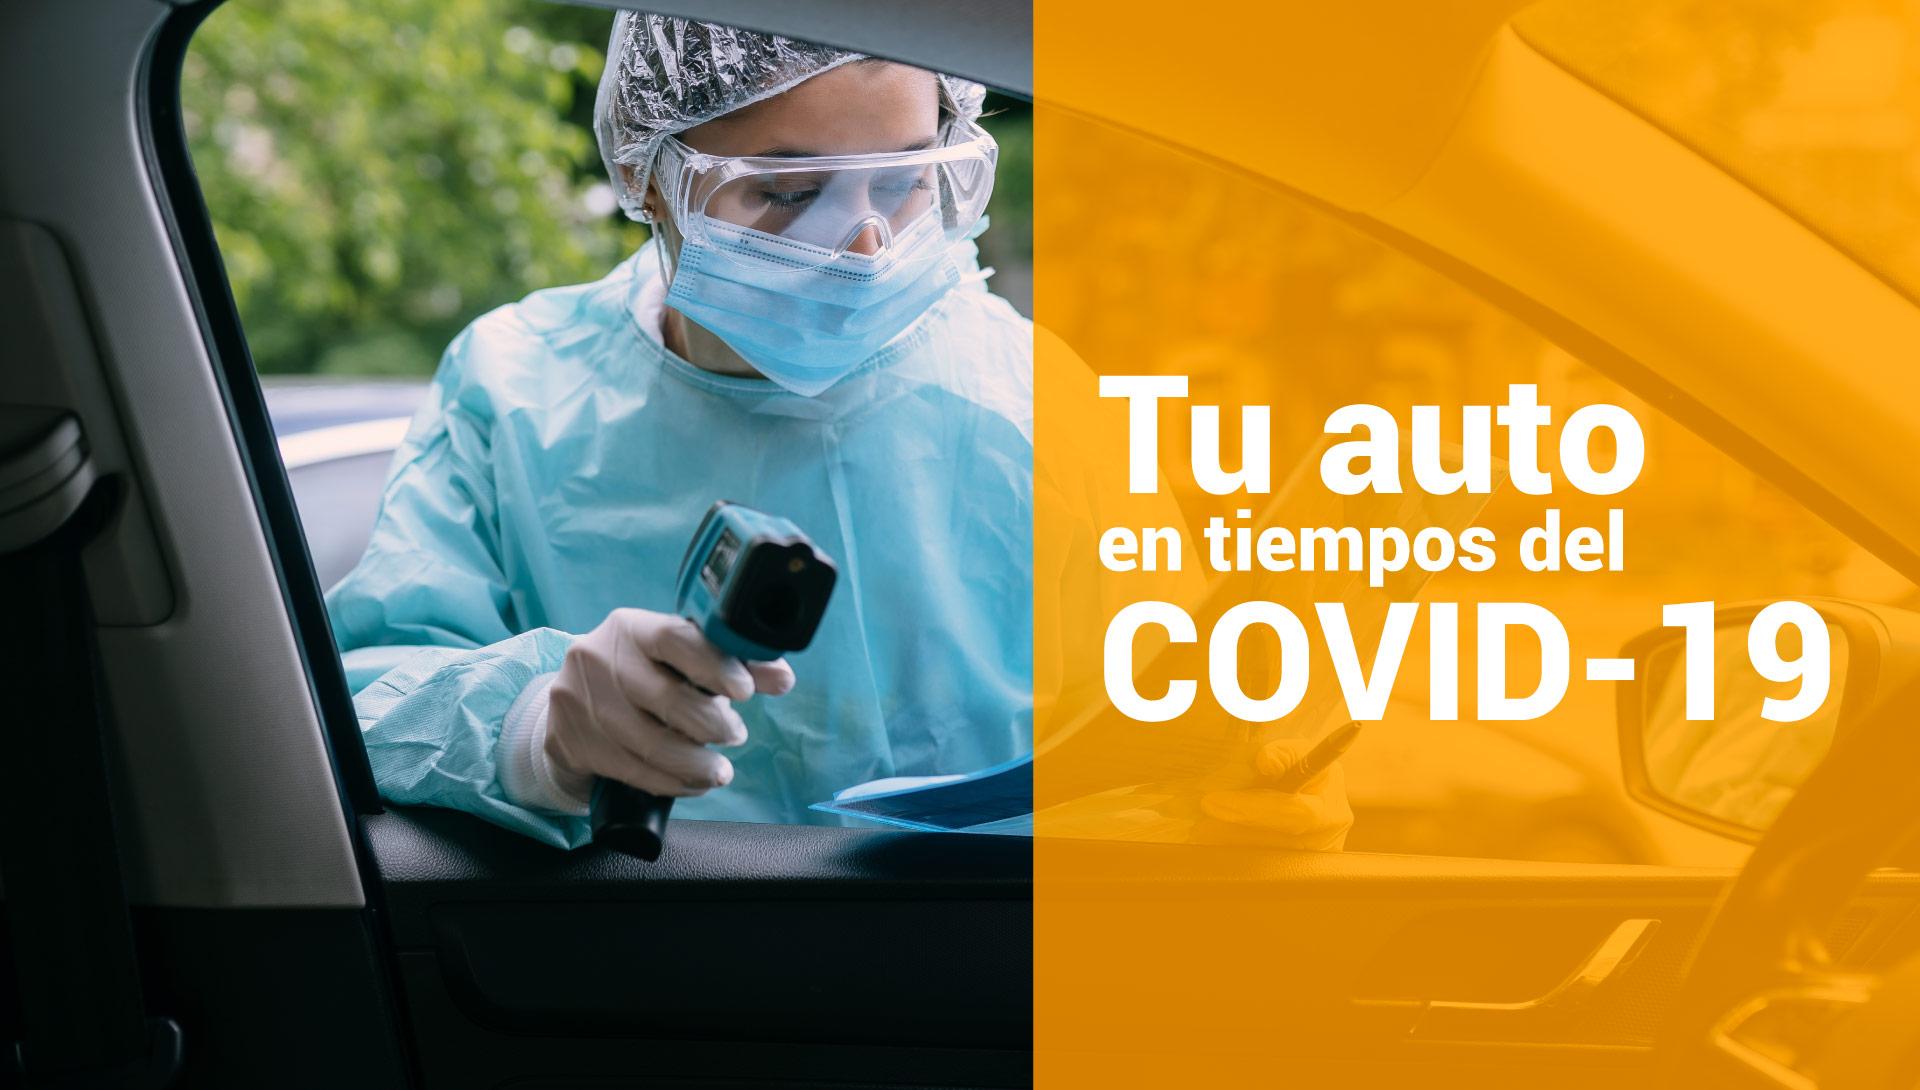 Desinfección vehículos